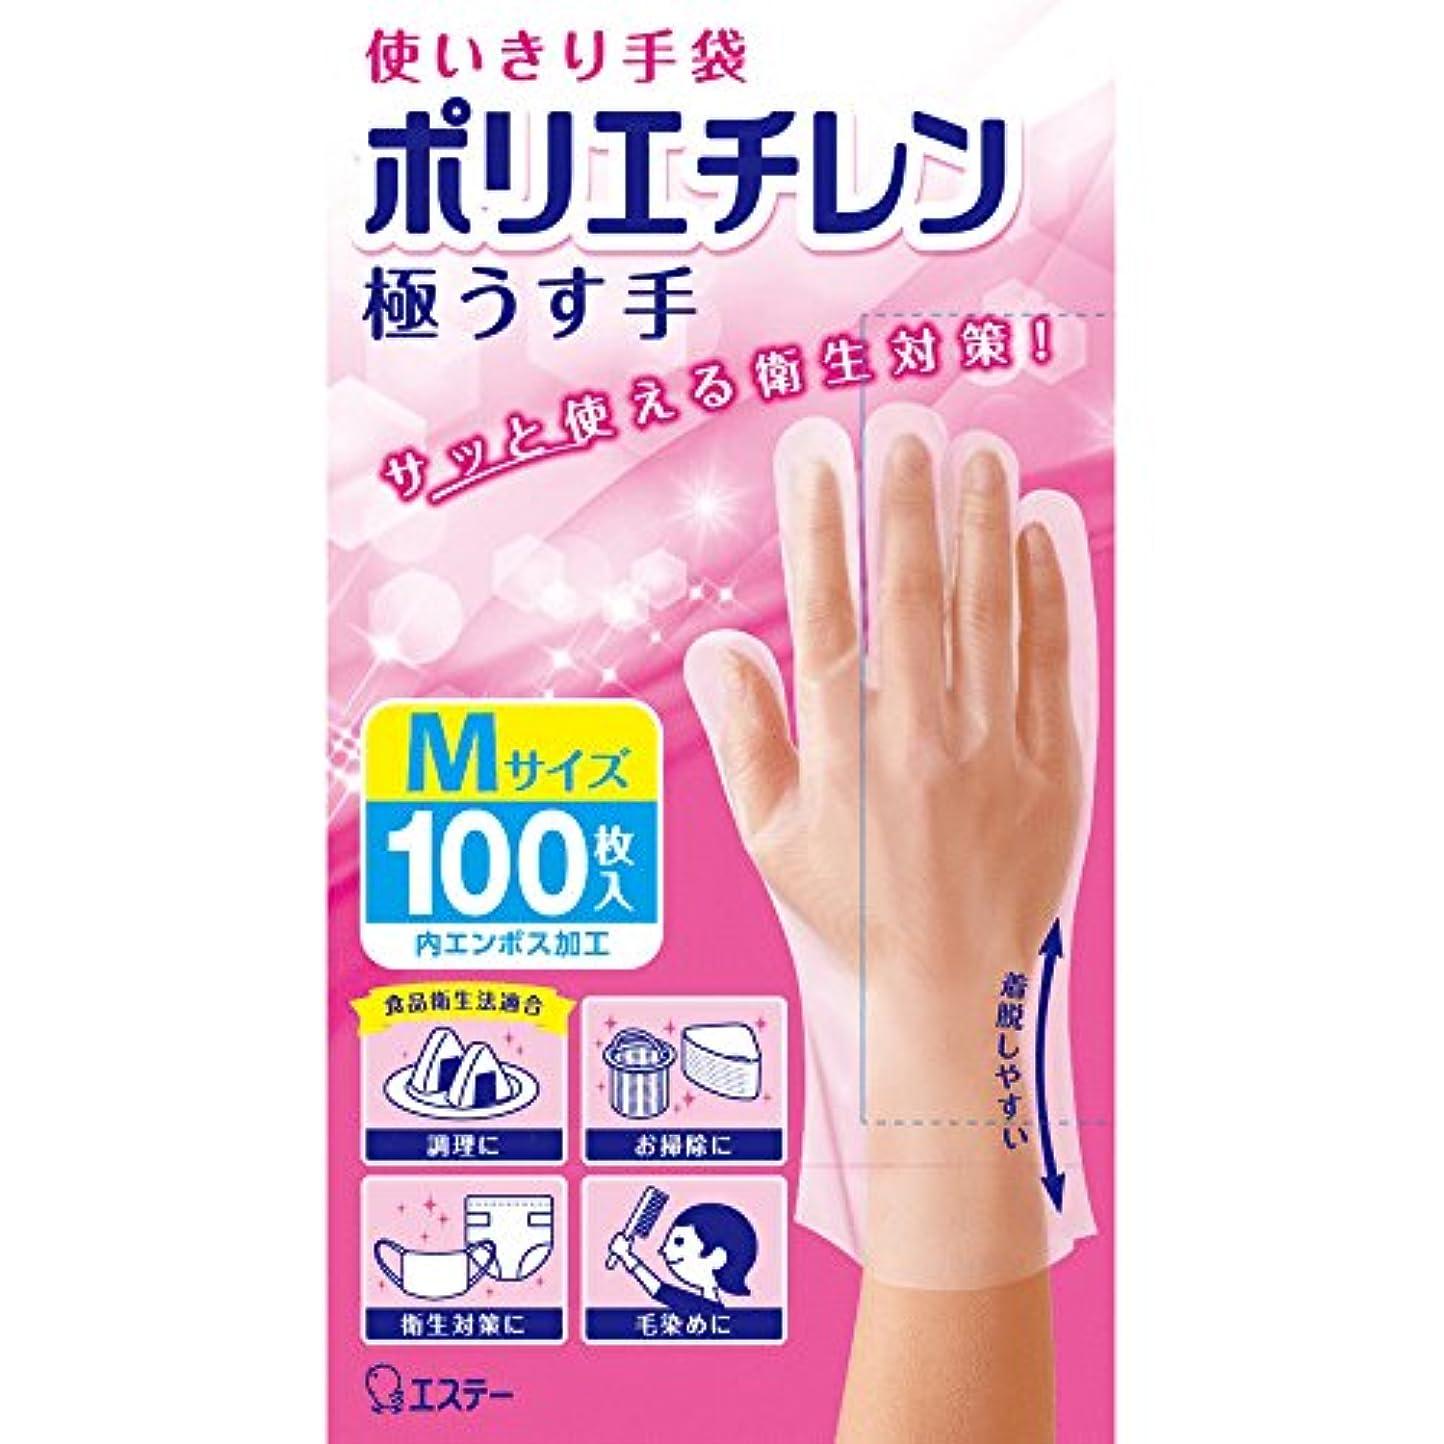 誘発する薄汚い虚栄心使いきり手袋 ポリエチレン 極うす手 Mサイズ 半透明 100枚 使い捨て 食品衛生法適合